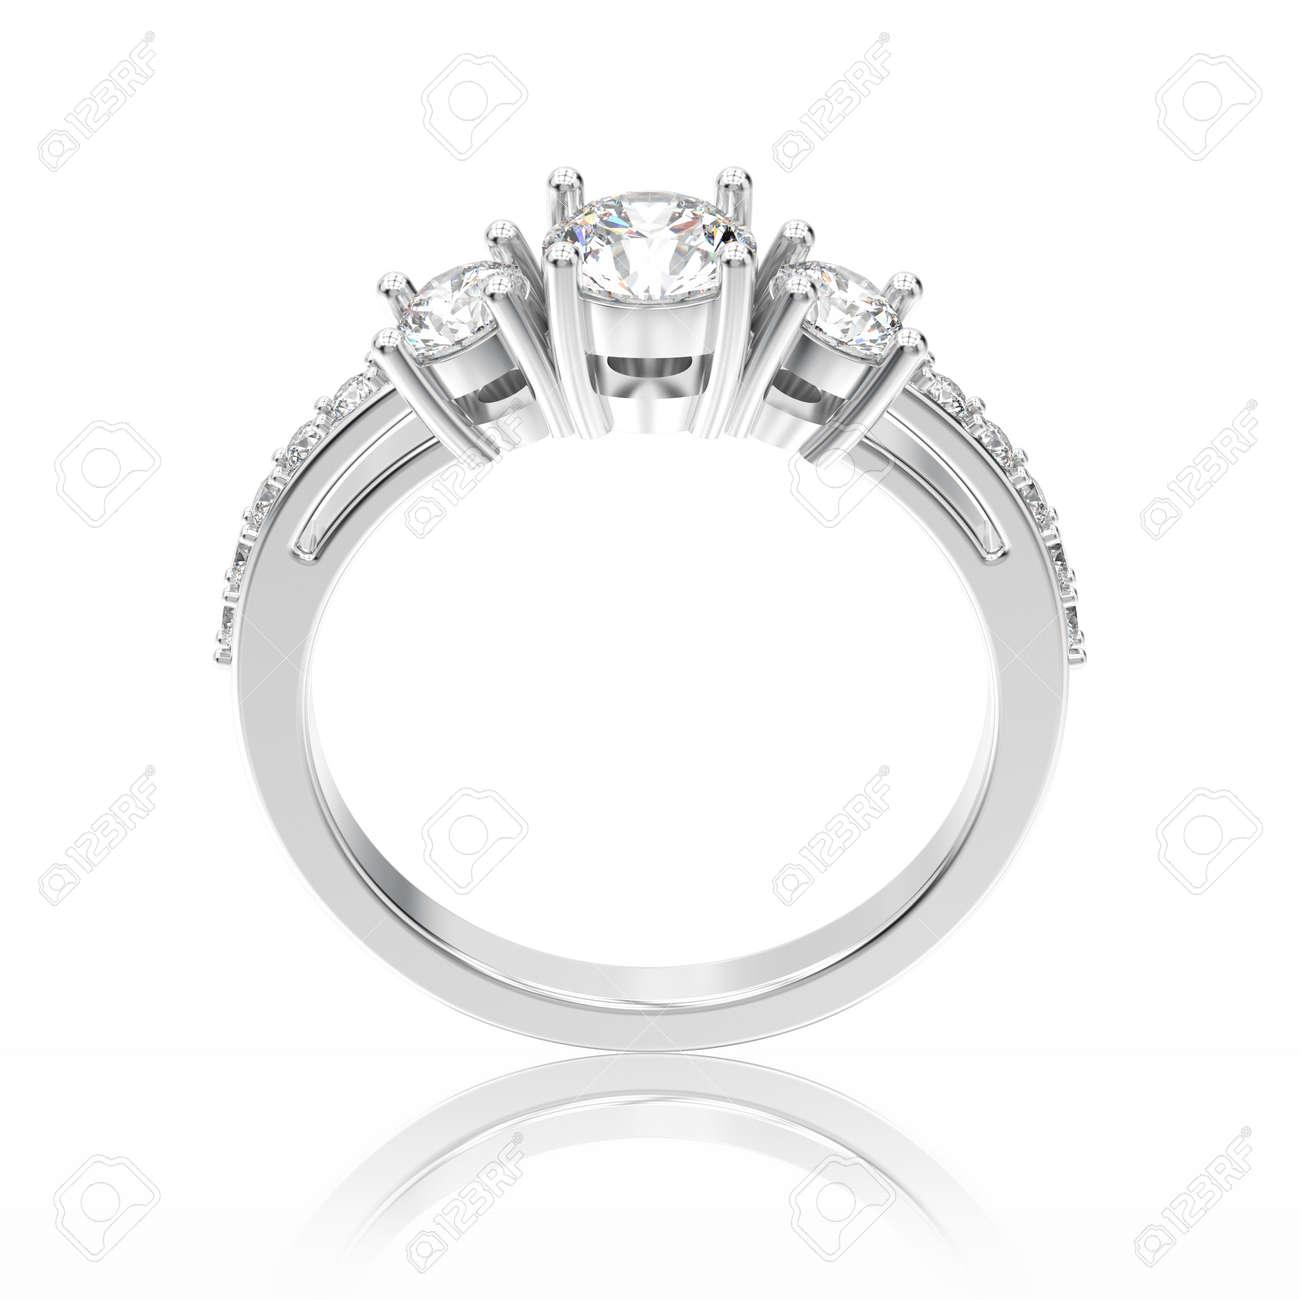 d68627628a25 Foto de archivo - Ilustración 3D de oro blanco o plata compromiso  decorativo tres piedras anillo de diamantes con la reflexión sobre un fondo  blanco